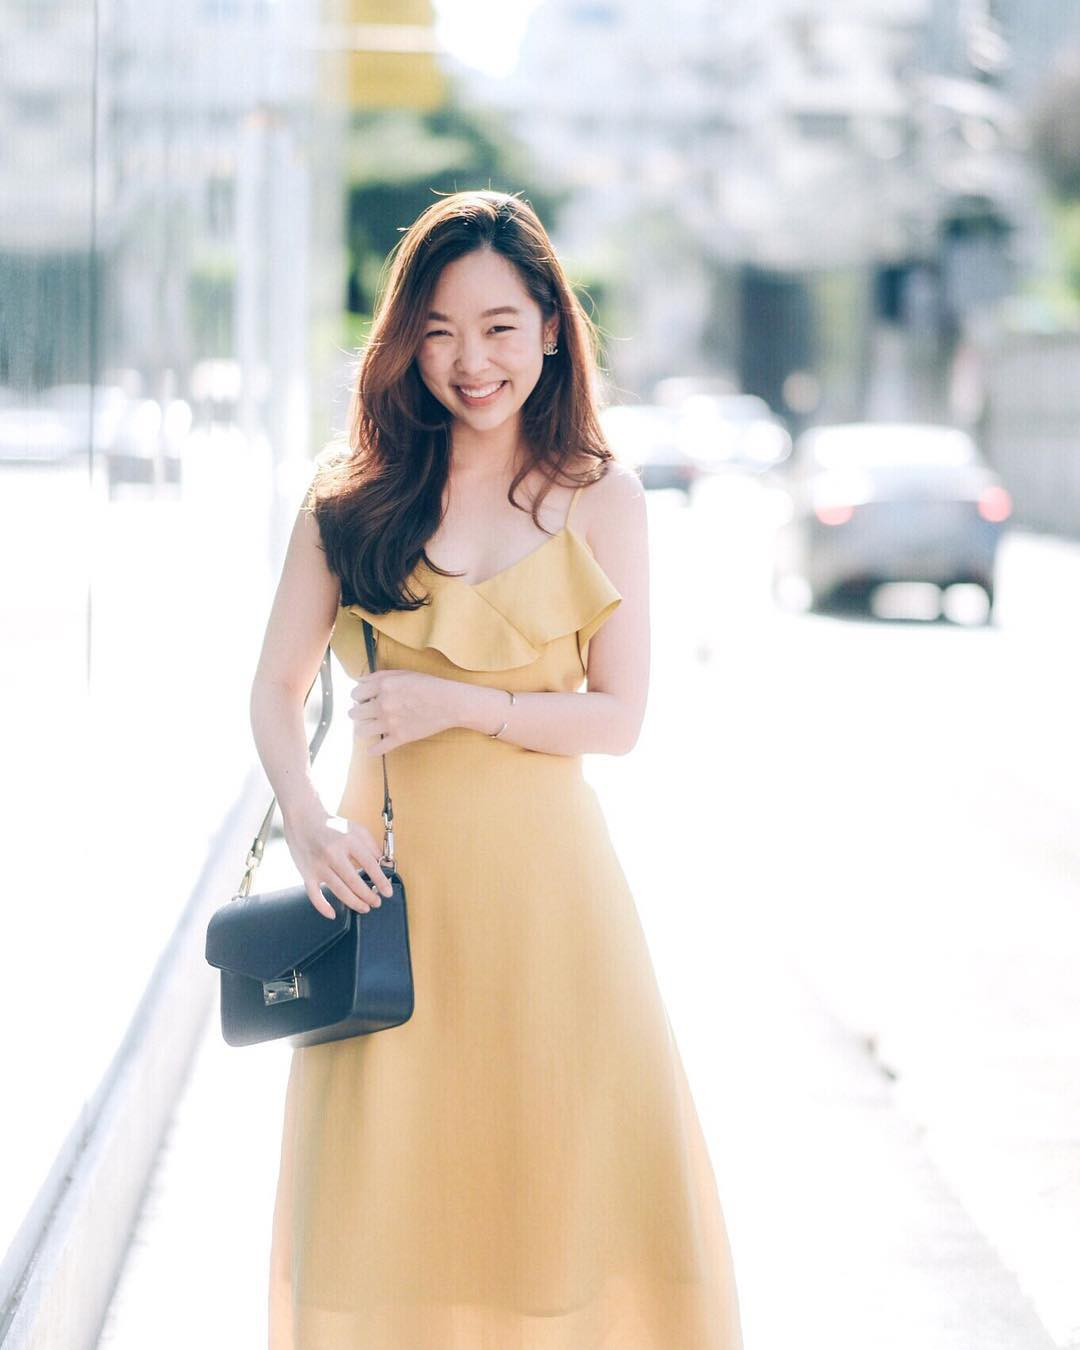 Gợi ý 5 mẫu váy thanh lịch, trang nhã cho các nàng đi dự đám cưới mà không sợ nổi hơn cô dâu - Ảnh 9.